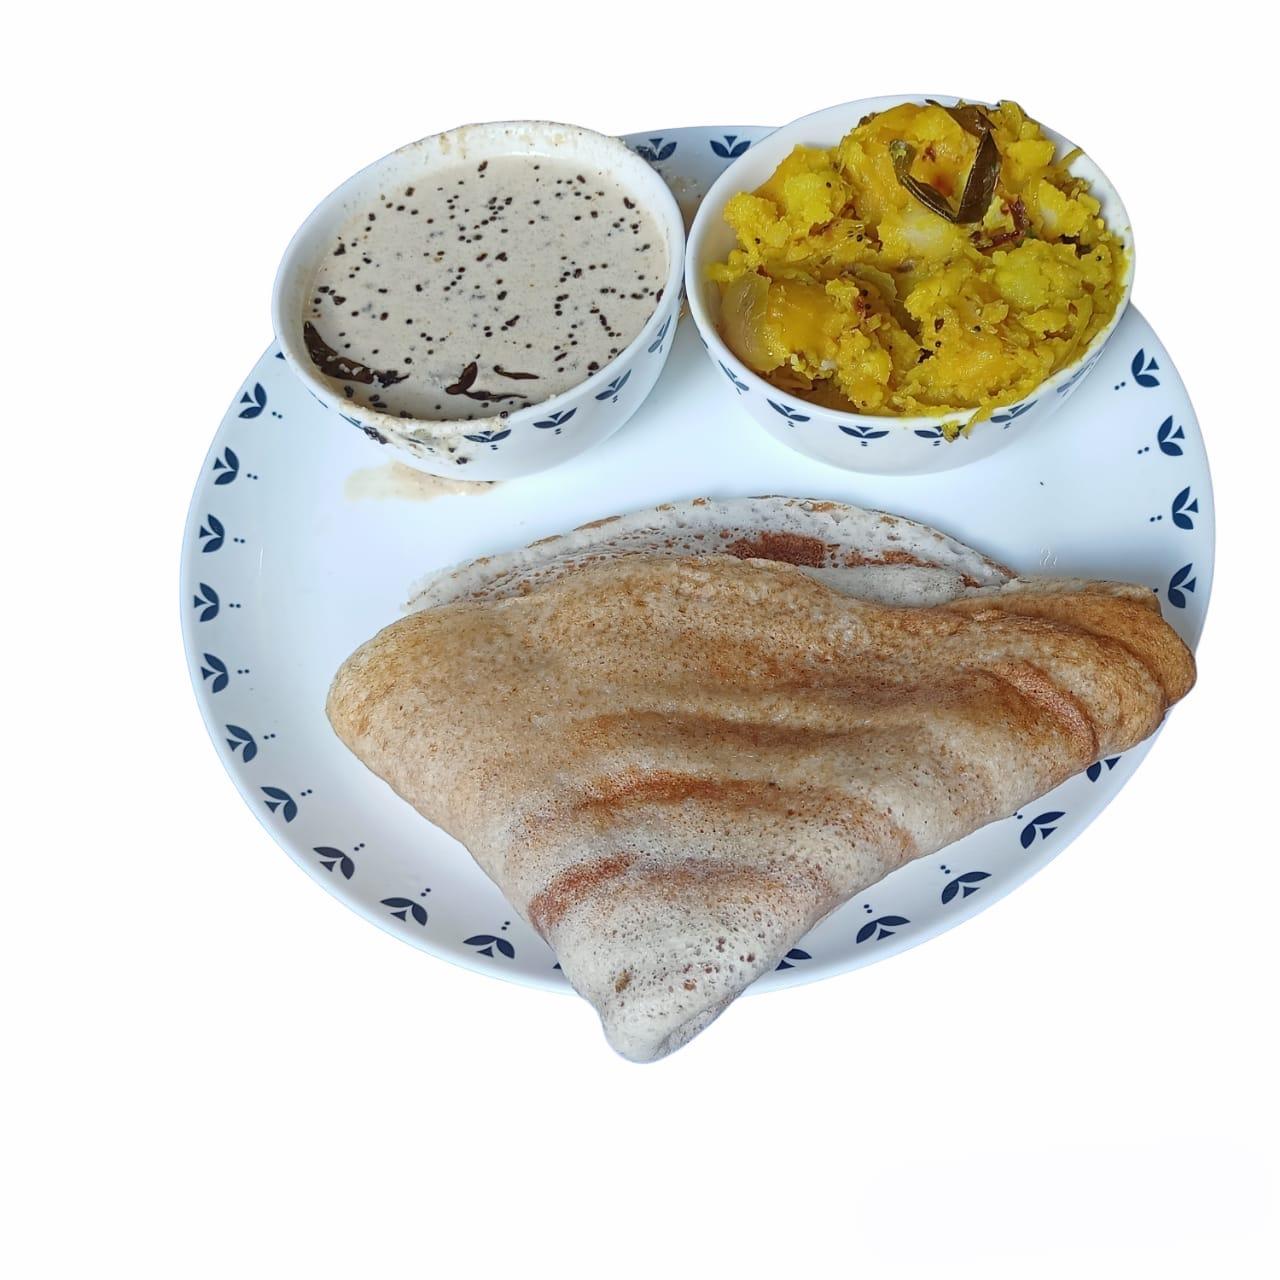 Dosa with Chutney & Potato Bhaji